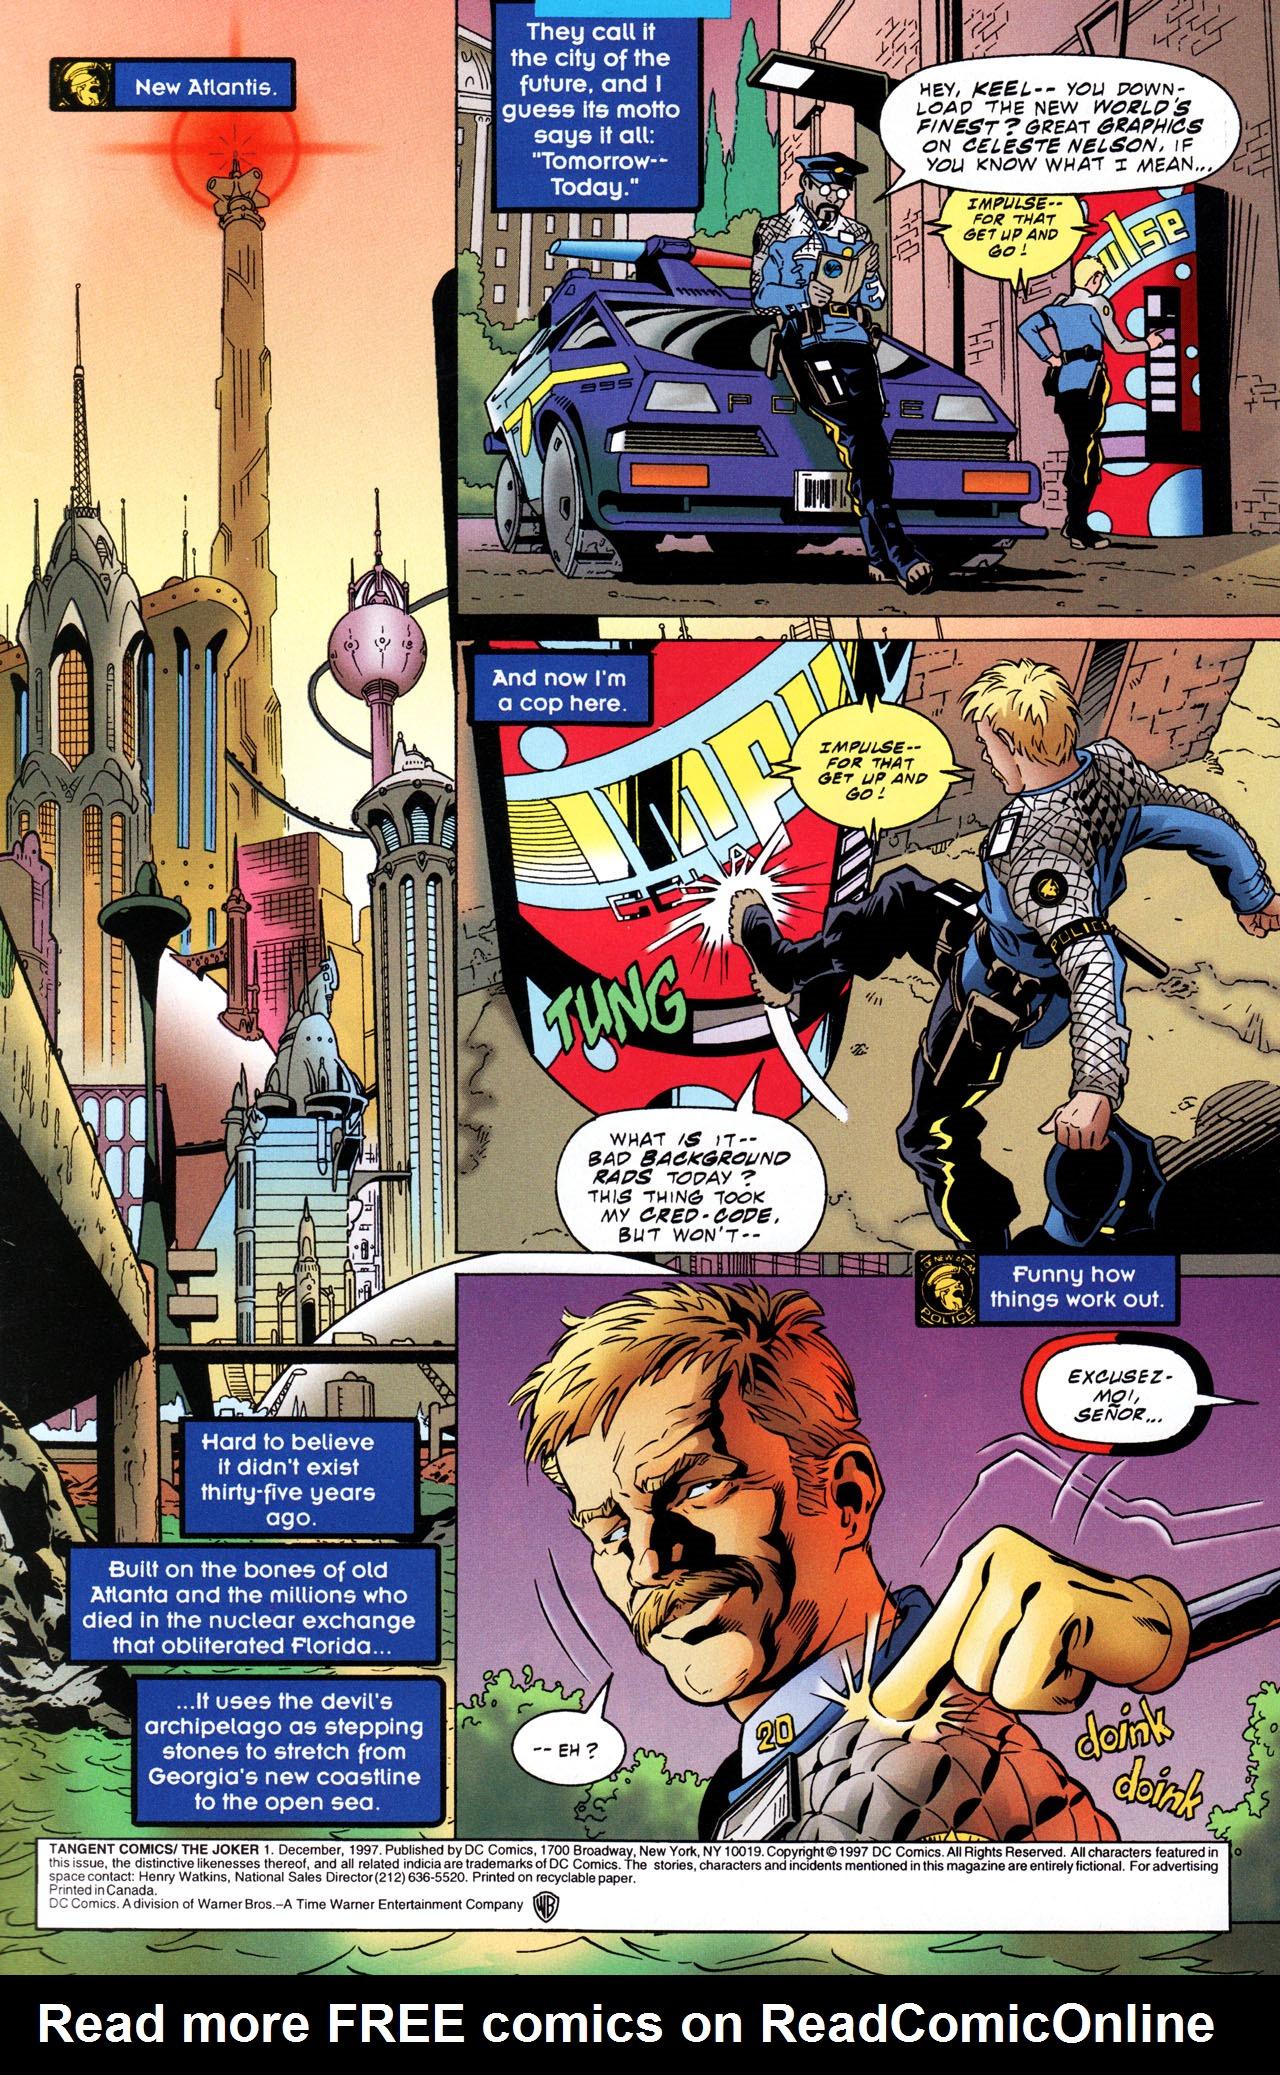 Read online Tangent Comics/ The Joker comic -  Issue # Full - 2